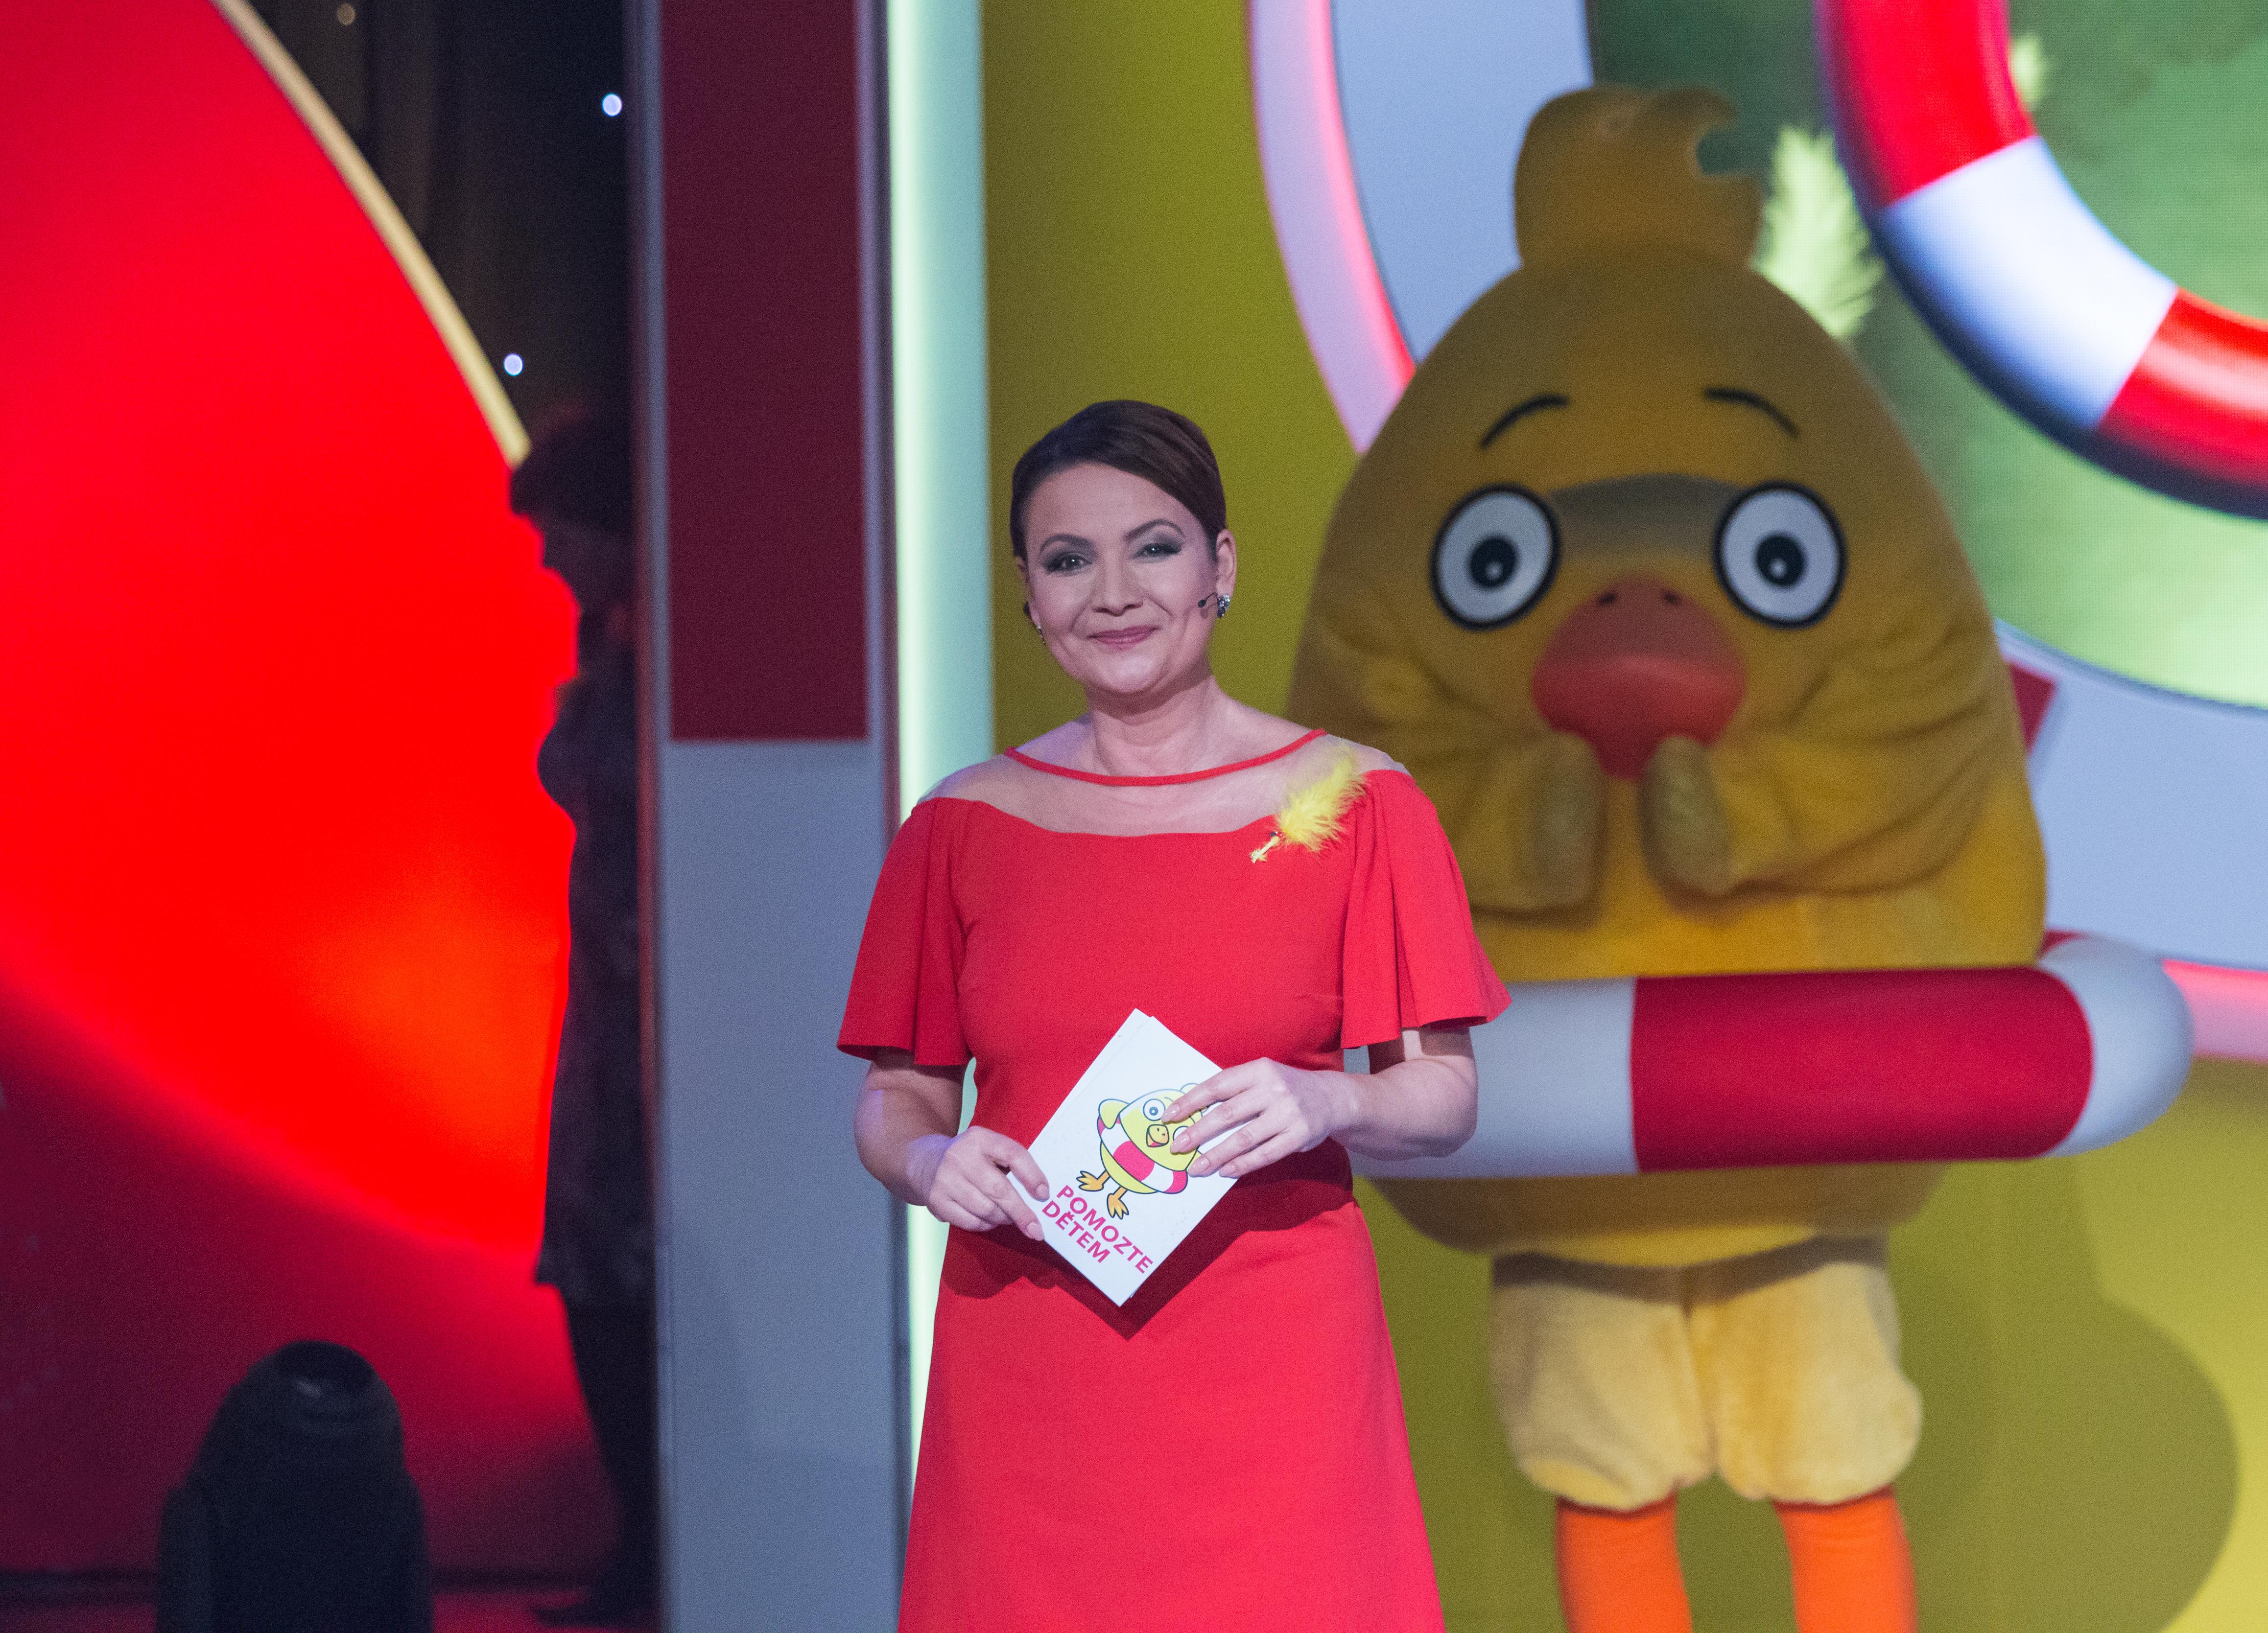 Pomozte dětem_2018, pořad natáčený Českou televizí 2.dubna 2018 ve studiu 4 na Kavčích horách v Praze 4.